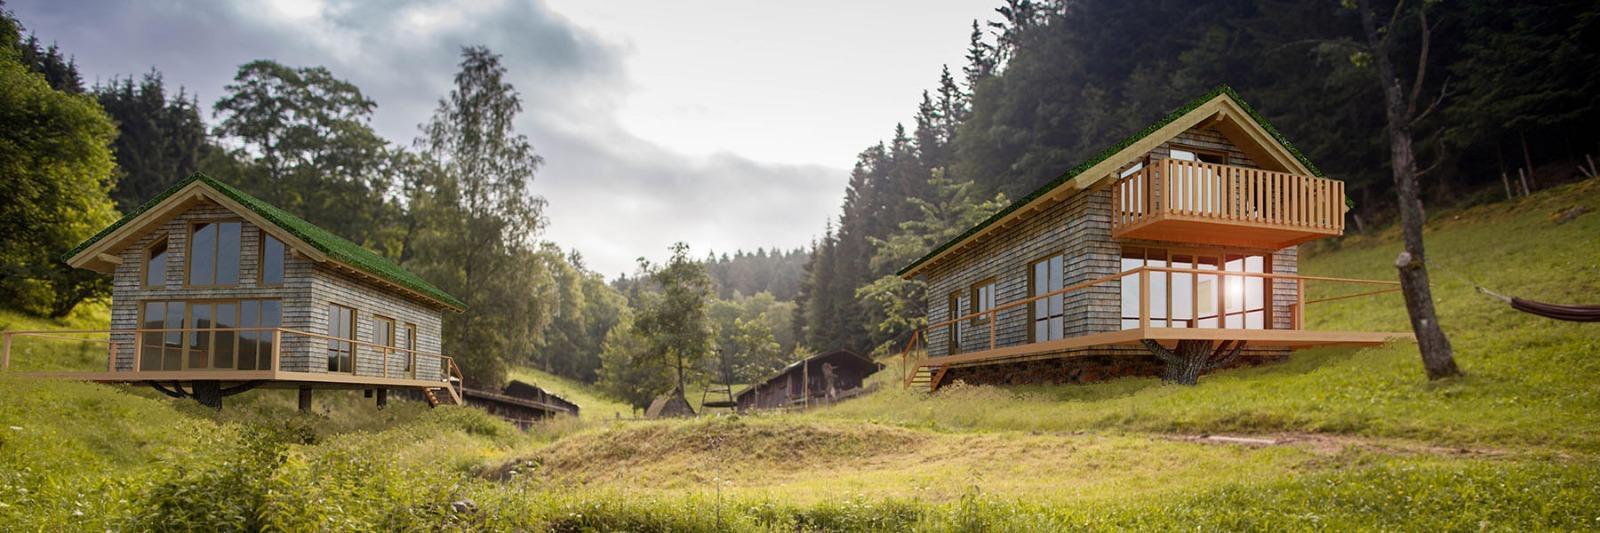 Hilser-Holz-Chalets